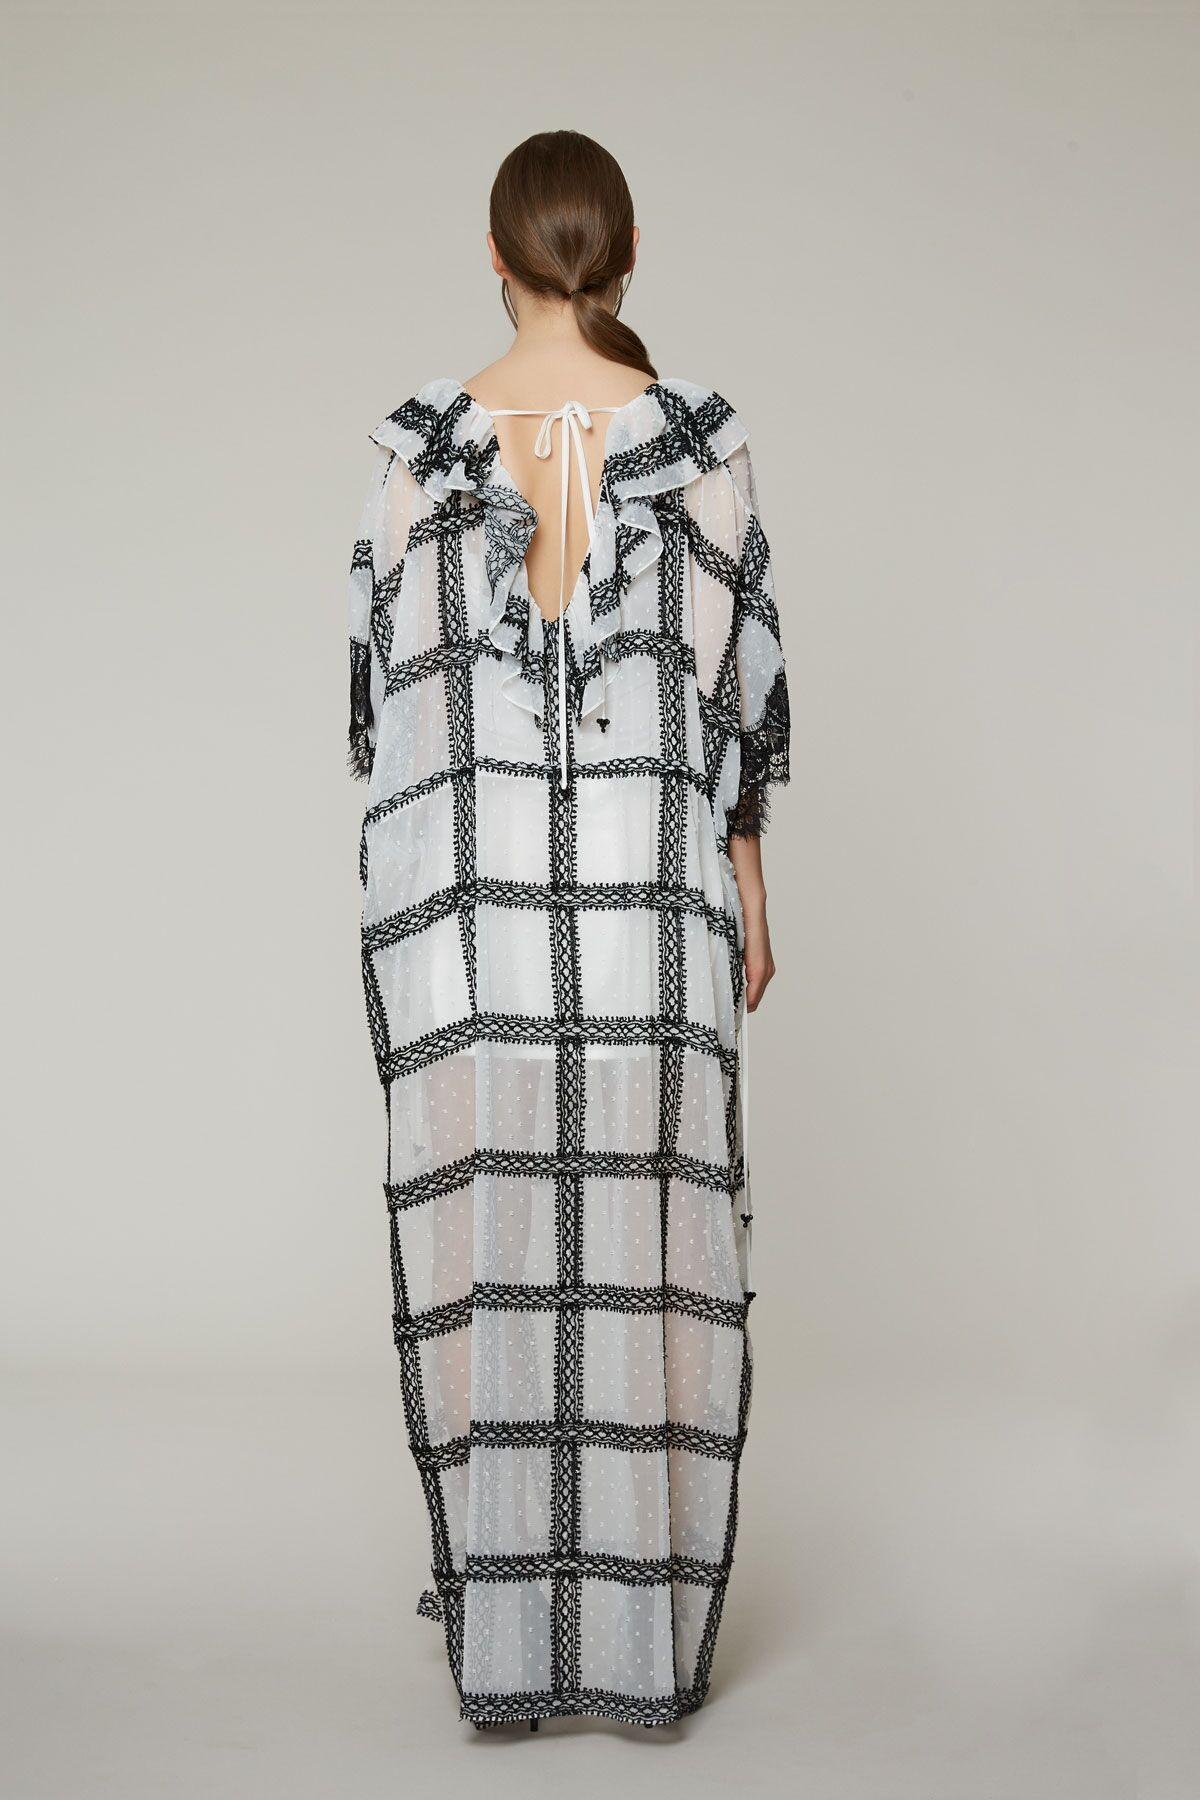 Dantel Ve Volan Detaylı Uzun Yanları Yırtmaçlı Elbise